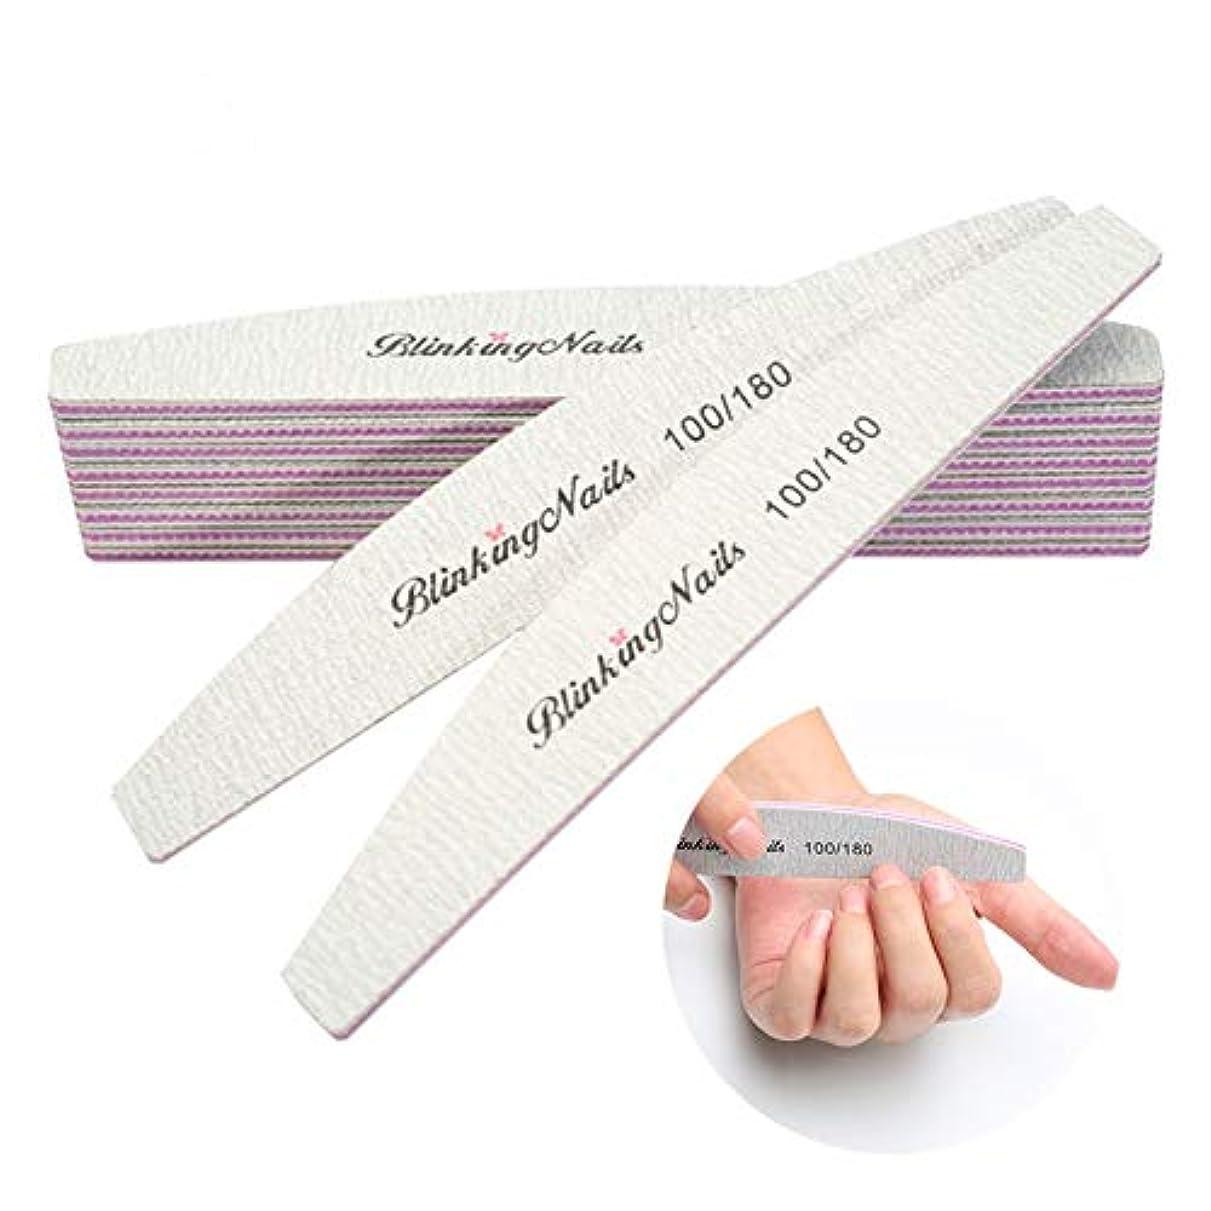 数値ラジウム歌う研磨ツール100/180砂 爪やすり ネイルシャイナー ネイルケア 携帯に便利です 水洗いできます 洗濯可プロネイルやすり 10本入